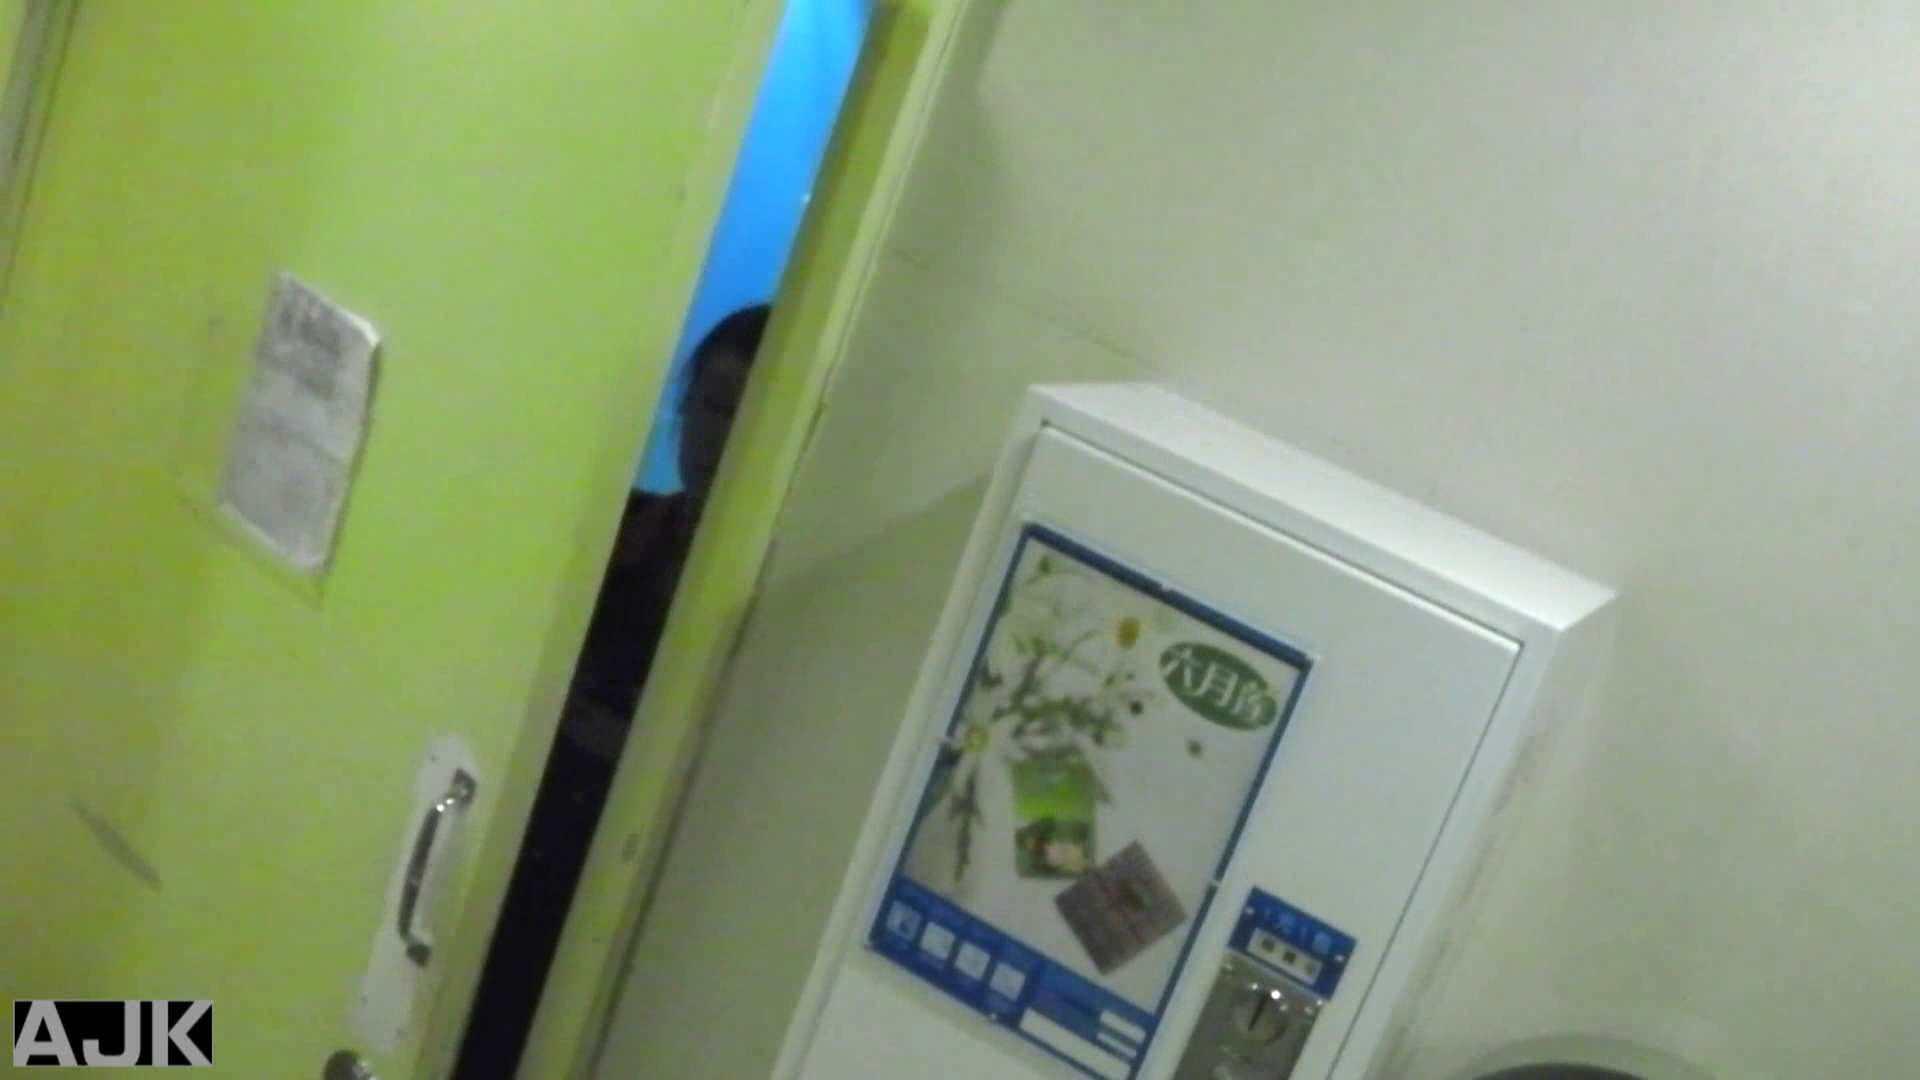 隣国上階級エリアの令嬢たちが集うデパートお手洗い Vol.11 お手洗い  42連発 2